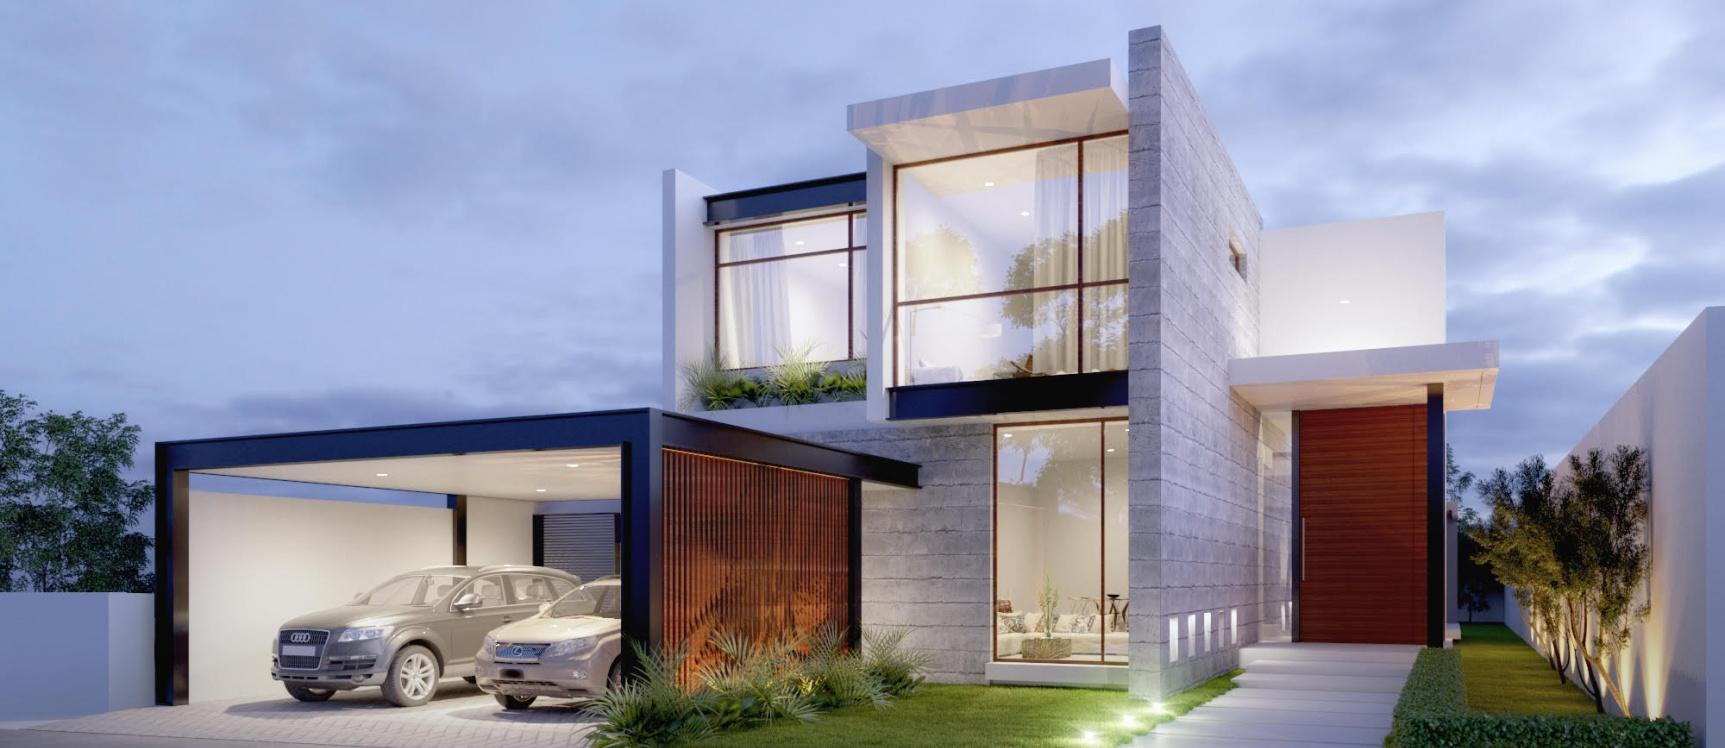 GeoBienes - Exclusive Mocolí Gardens Samborondón Casas en venta - Plusvalia Guayaquil Casas de venta y alquiler Inmobiliaria Ecuador